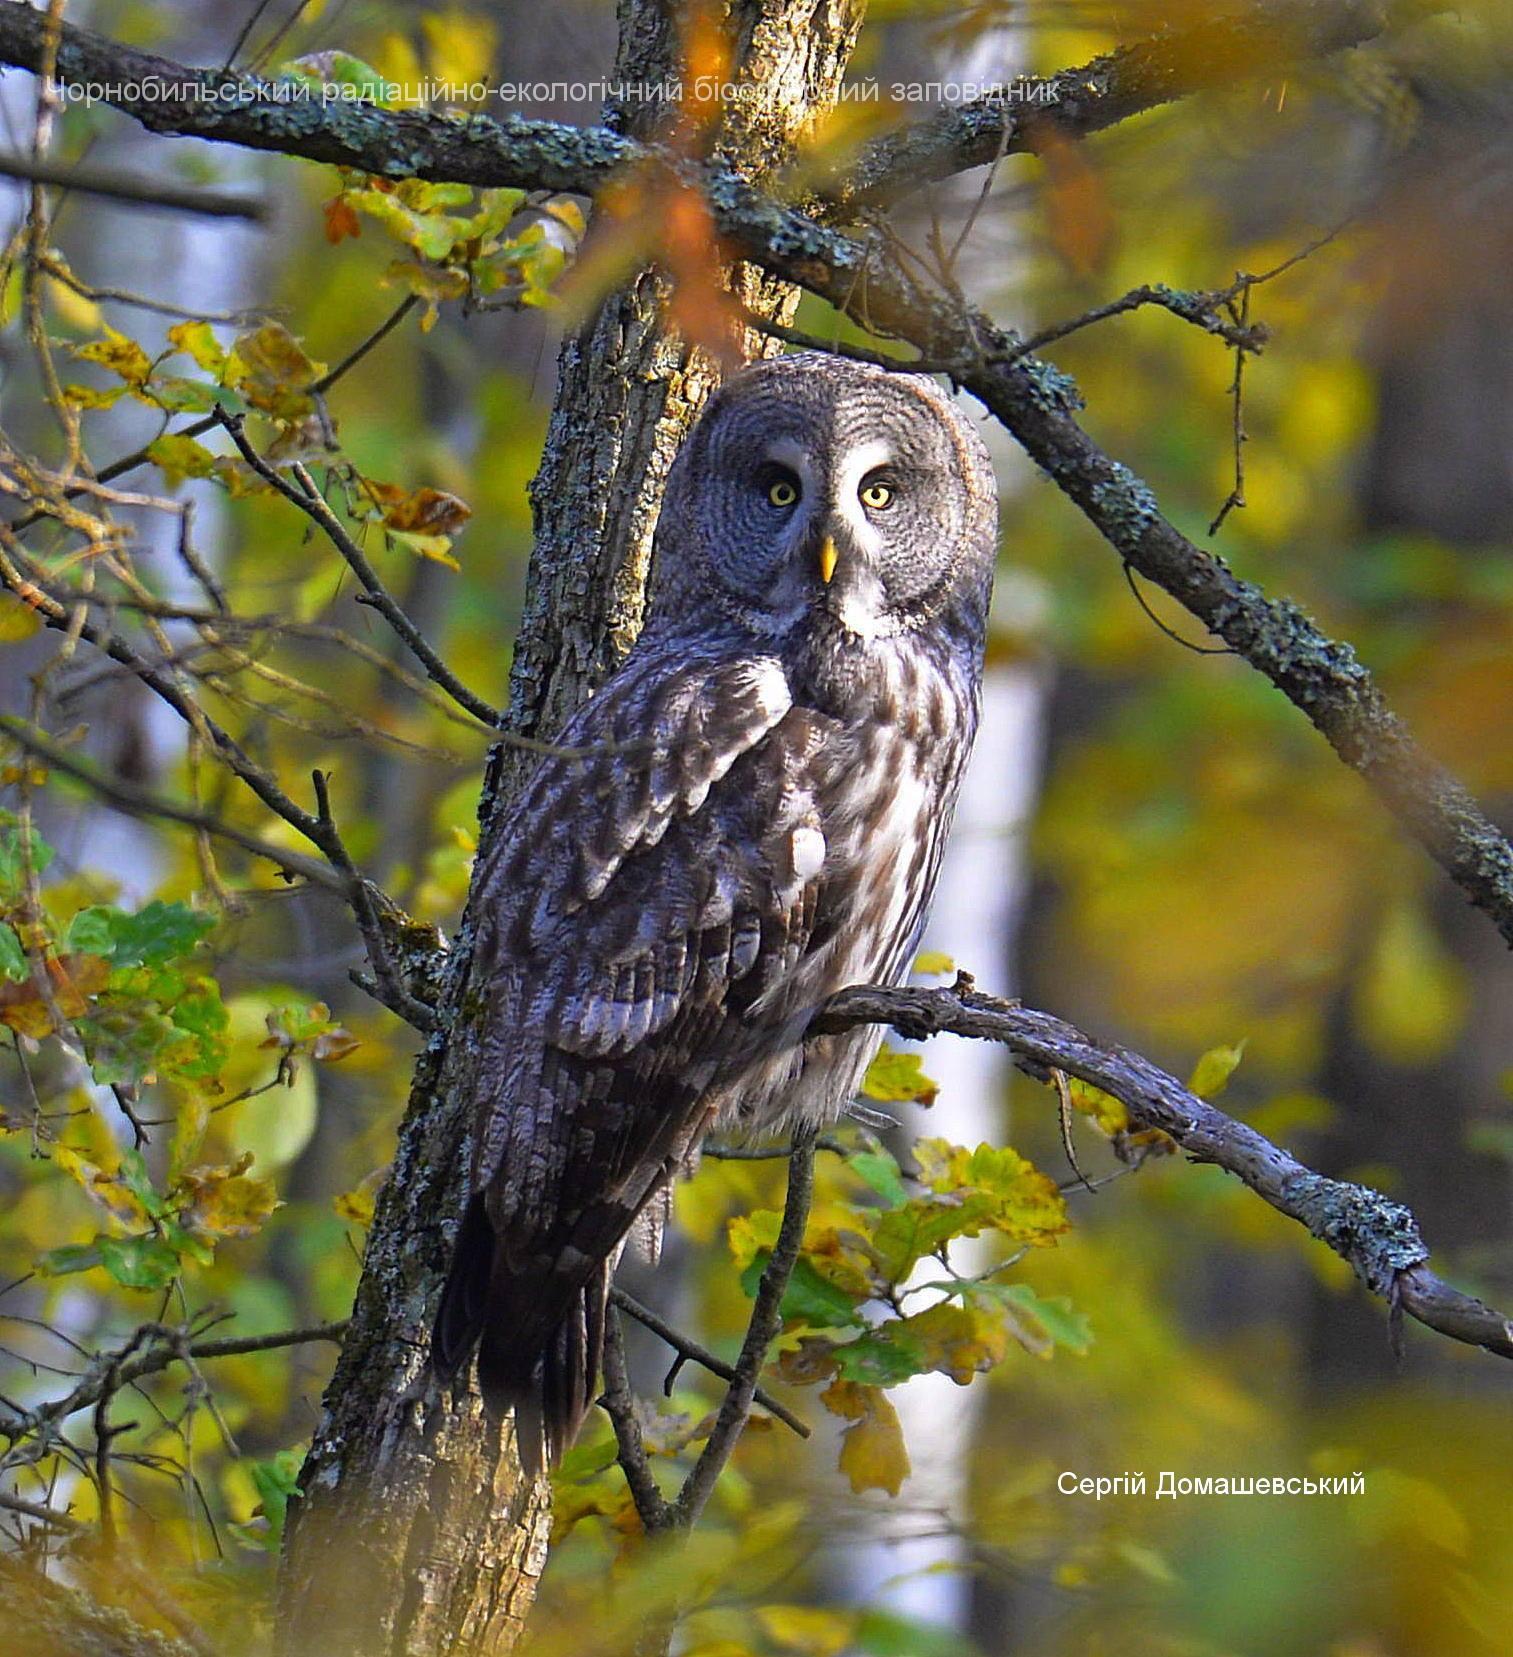 У Чорнобилі мешкає рідкісна сова, яка нападає на дослідників - Птахи, природа, Зона відчуження - 128419816 821484825075273 2529020000085692879 o